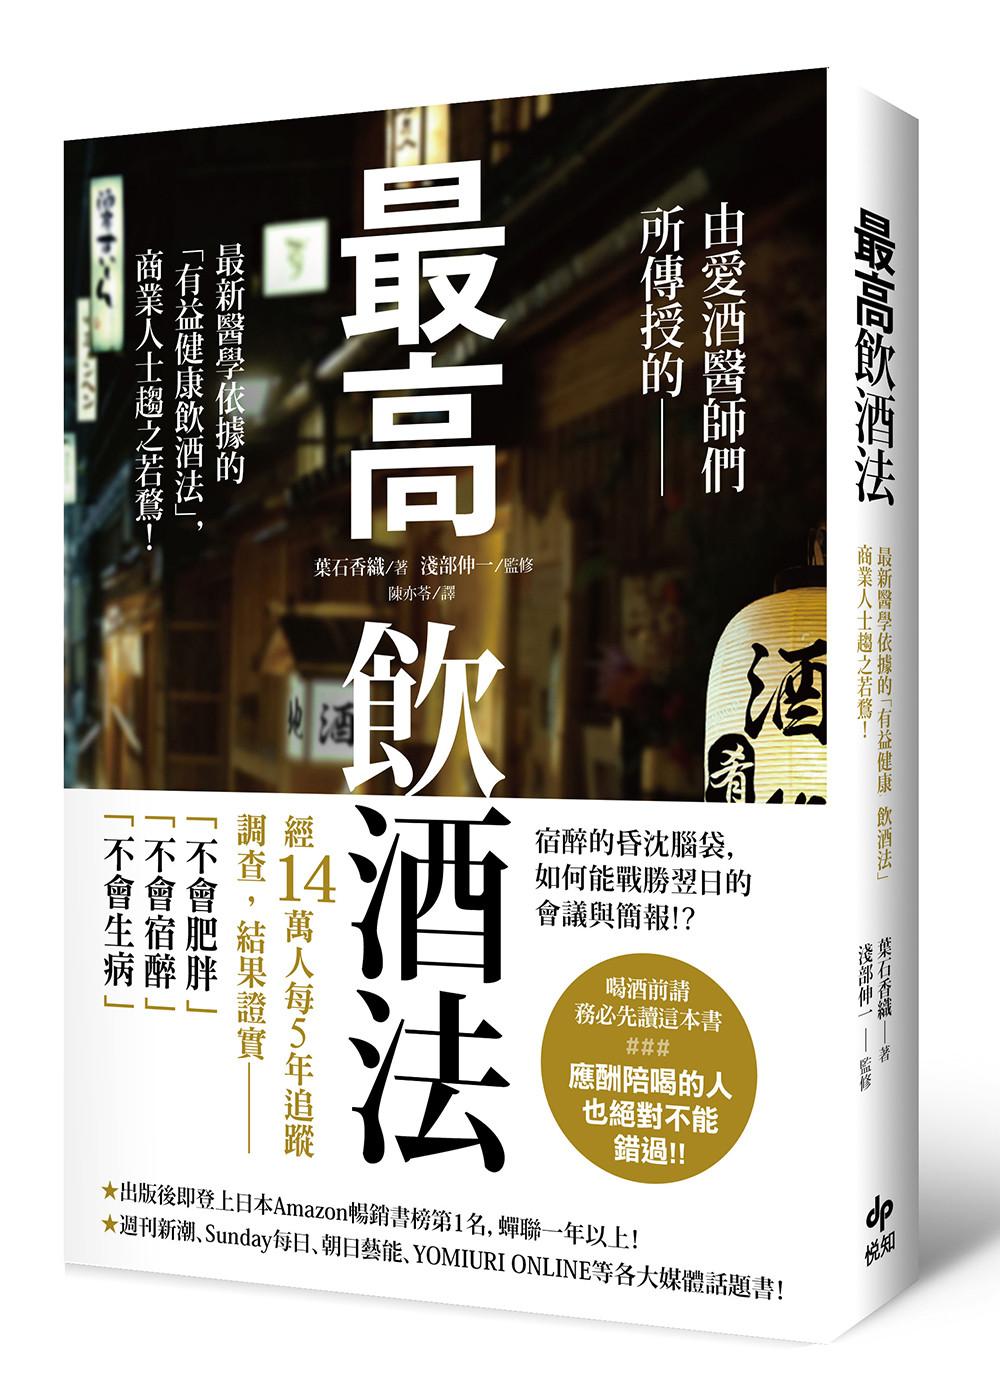 ▲《最高飲酒法》(圖/悅知文化提供)